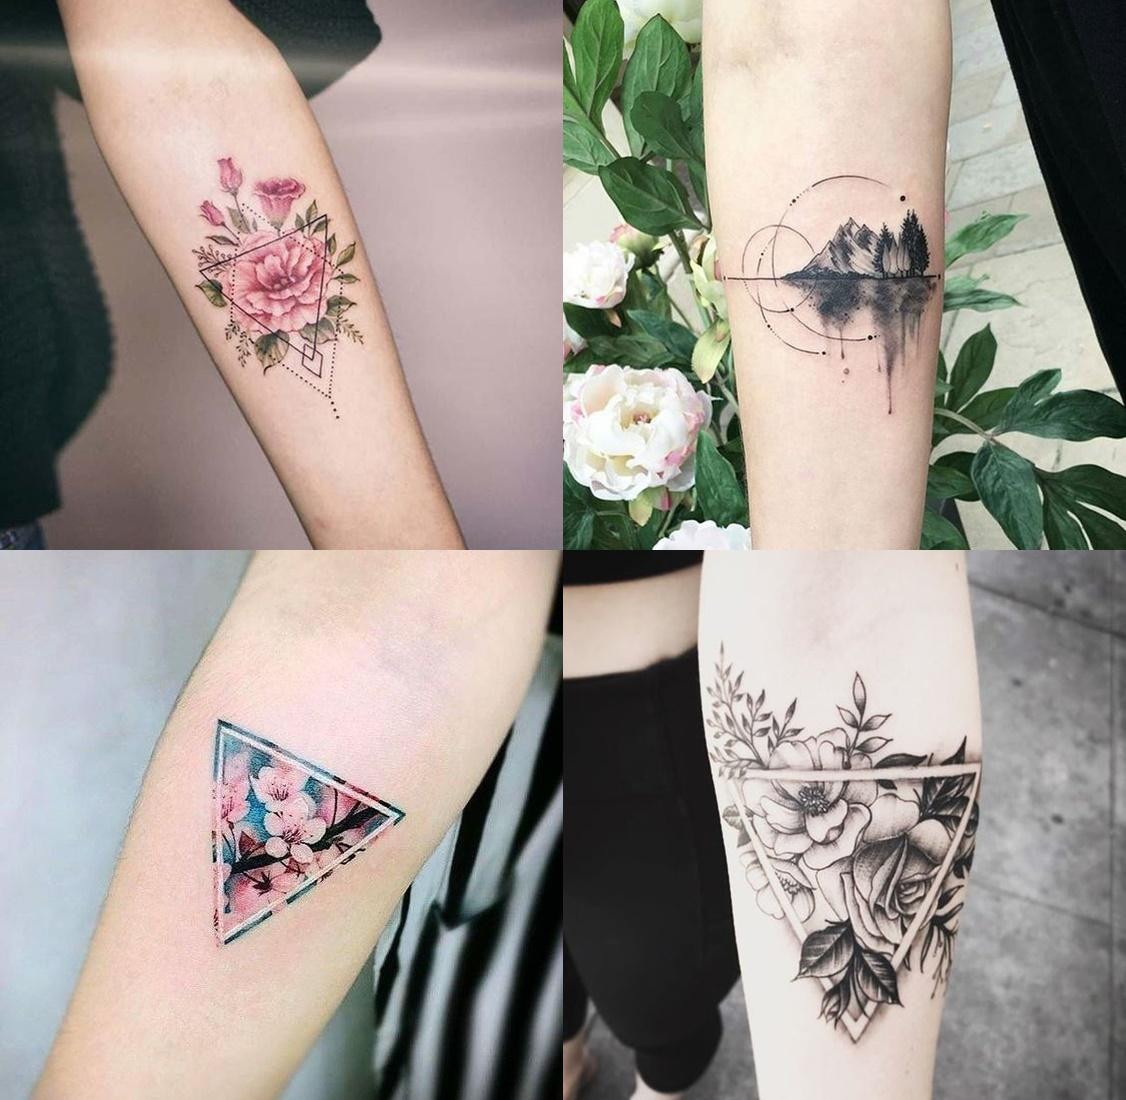 Tatuaże Geometryczne Znaczenie I 8 Przykładów